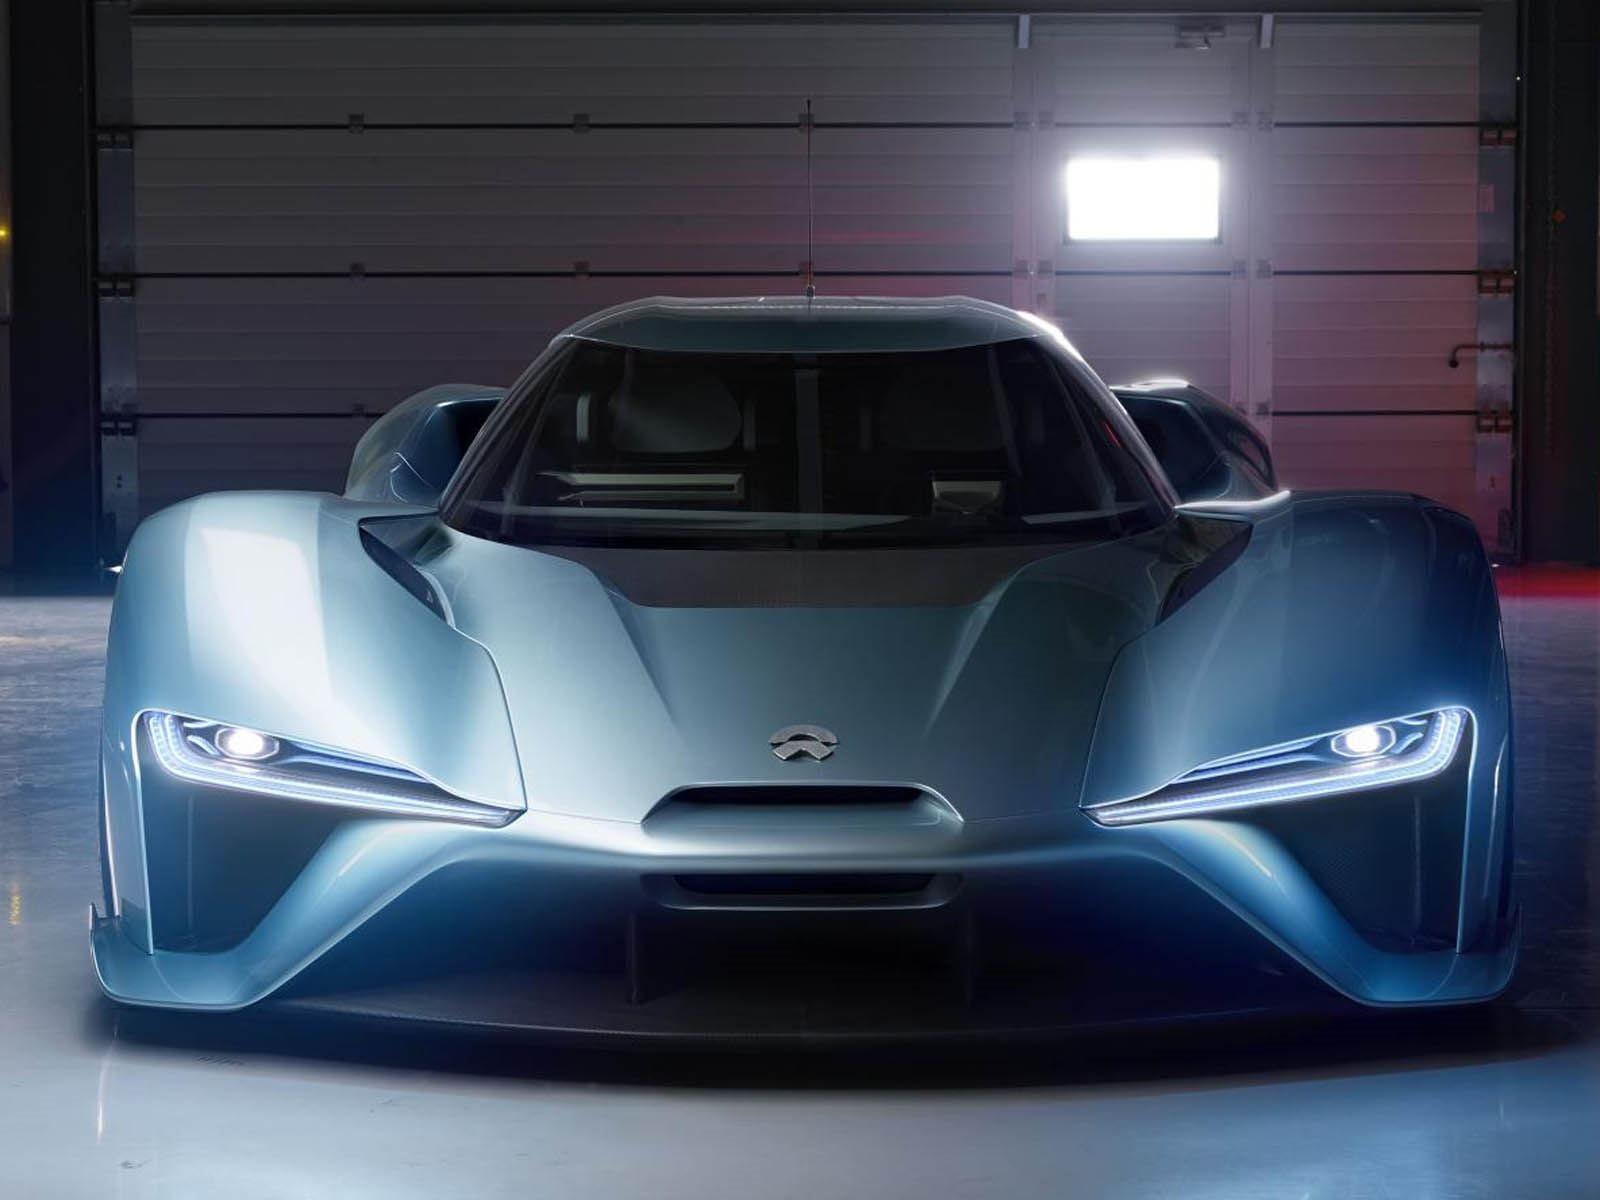 Хотите увидеть самый быстрый электро-кар в мире? Отправляйтесь на Фестиваль скорости в Гудвуд. И нет, это не Rimac C_Two, хотя он может похвастаться более быстрым ускорением и более высокой максимальной скоростью. Мы имеем в виду NIO EP9, электрическ